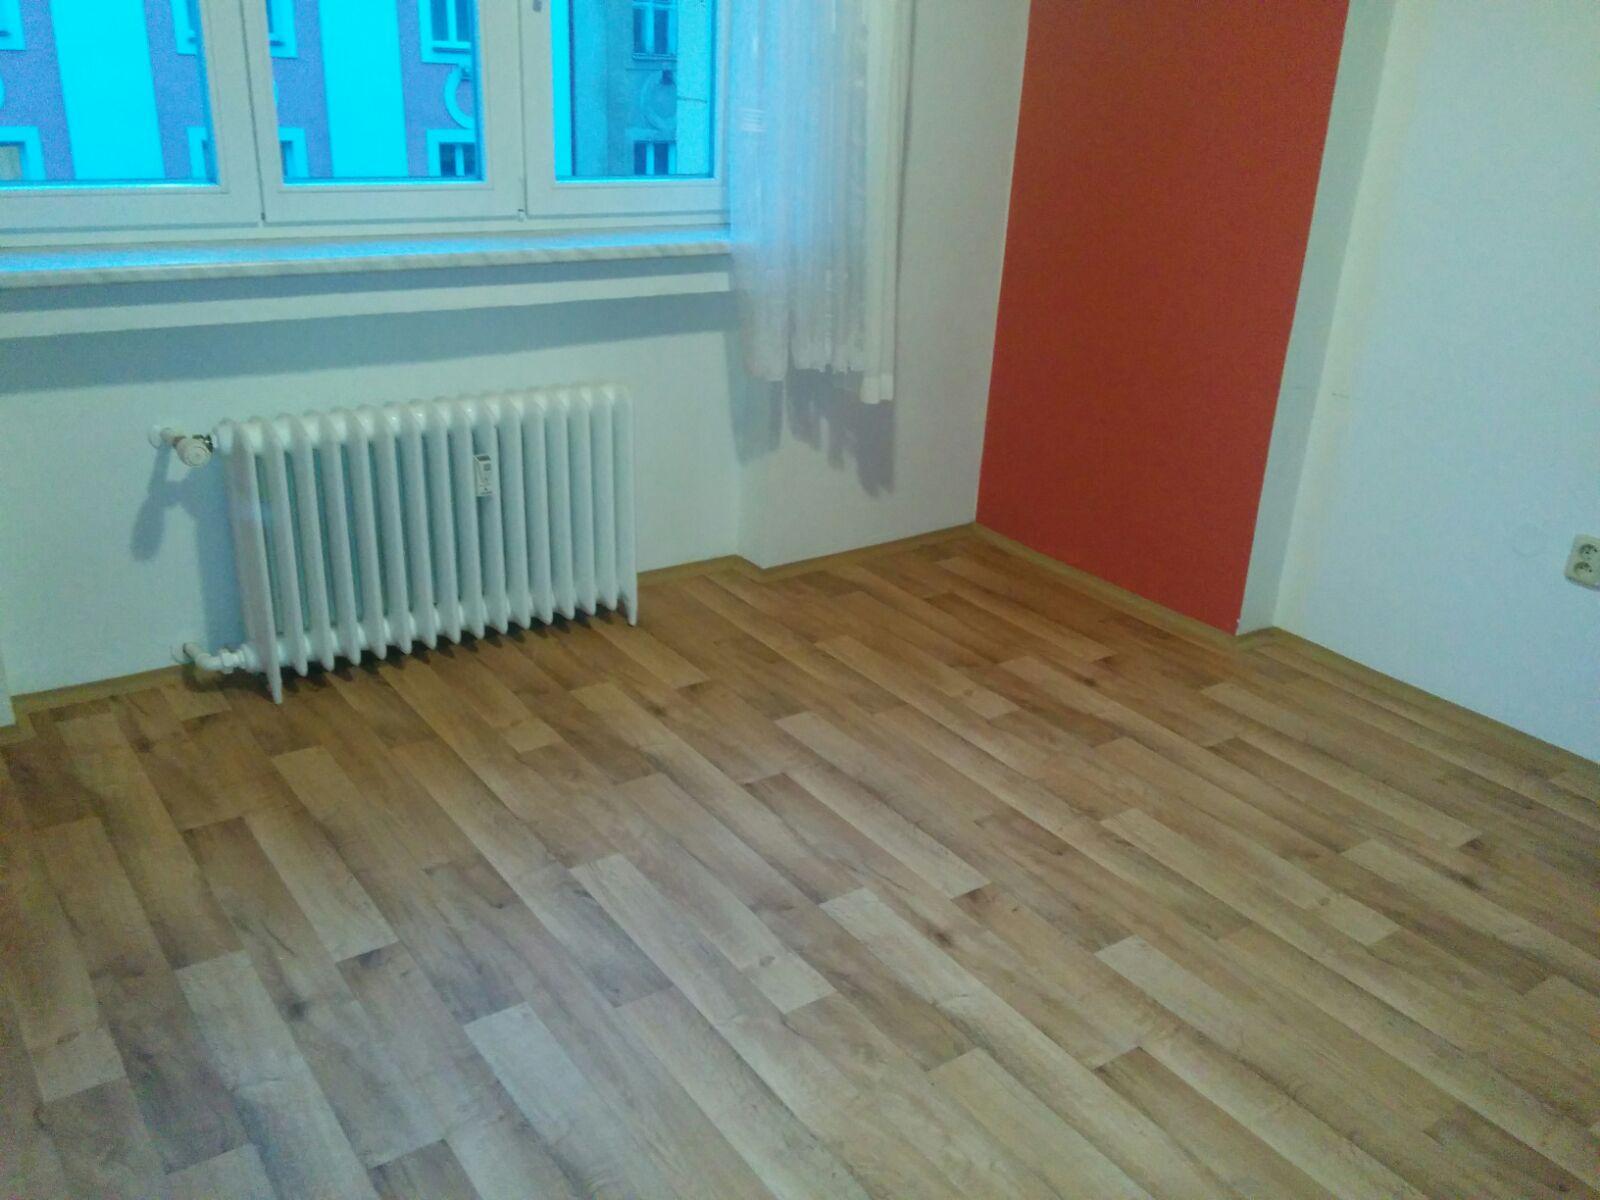 למכירה דירת 2 חדרים מתאימה להשקעה בשכונת זיזקוב פראג 3 -tt (3)